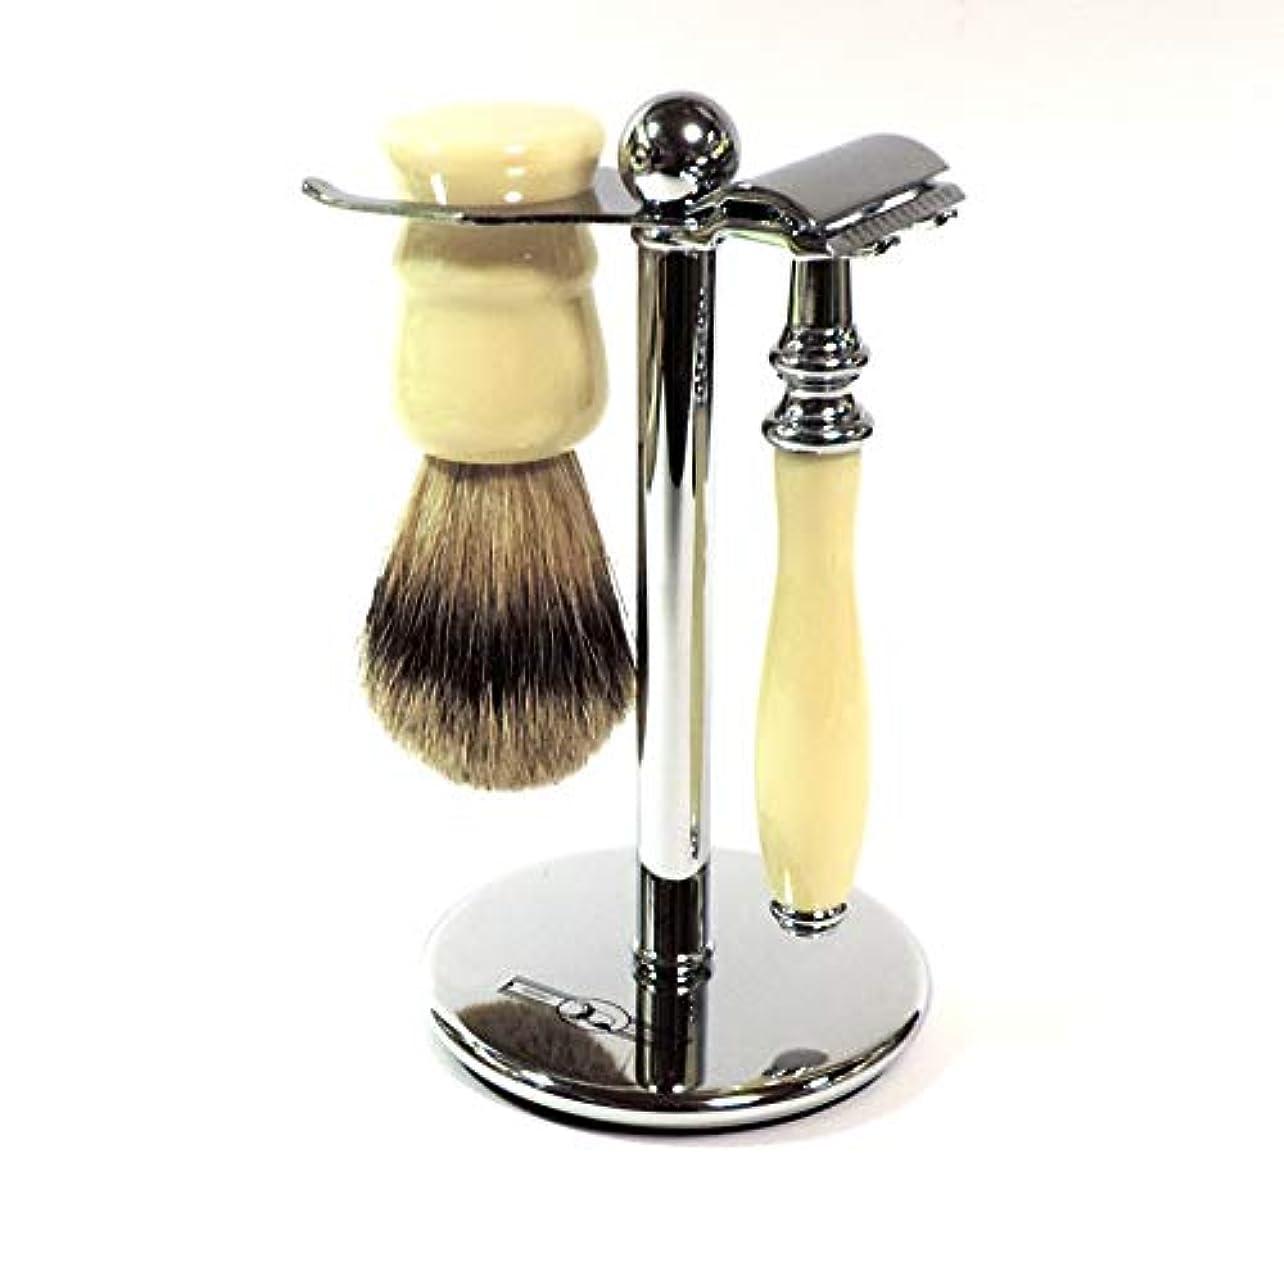 忙しい思いやりのある貴重な髭剃りシェービングセット アイボリー 両刃ホルダー クロム アナグマ毛ブラシ スタンド付 ドイツ?ディトマー社